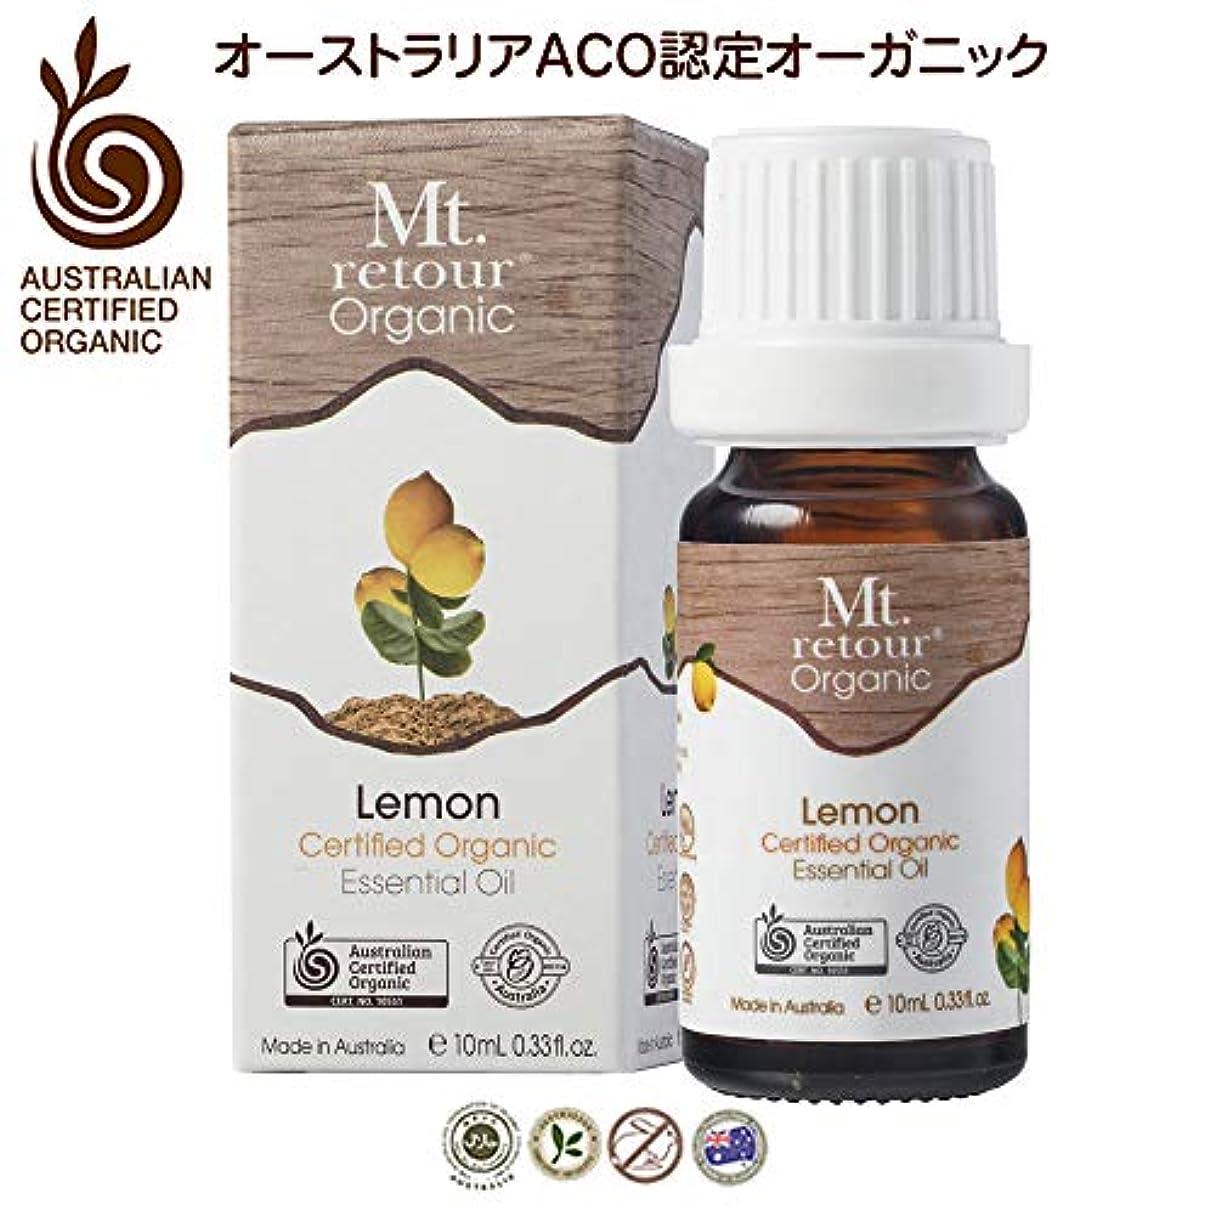 オリエントレジ気晴らしMt. retour ACO認定オーガニック レモン 10ml エッセンシャルオイル(無農薬有機栽培)アロマ